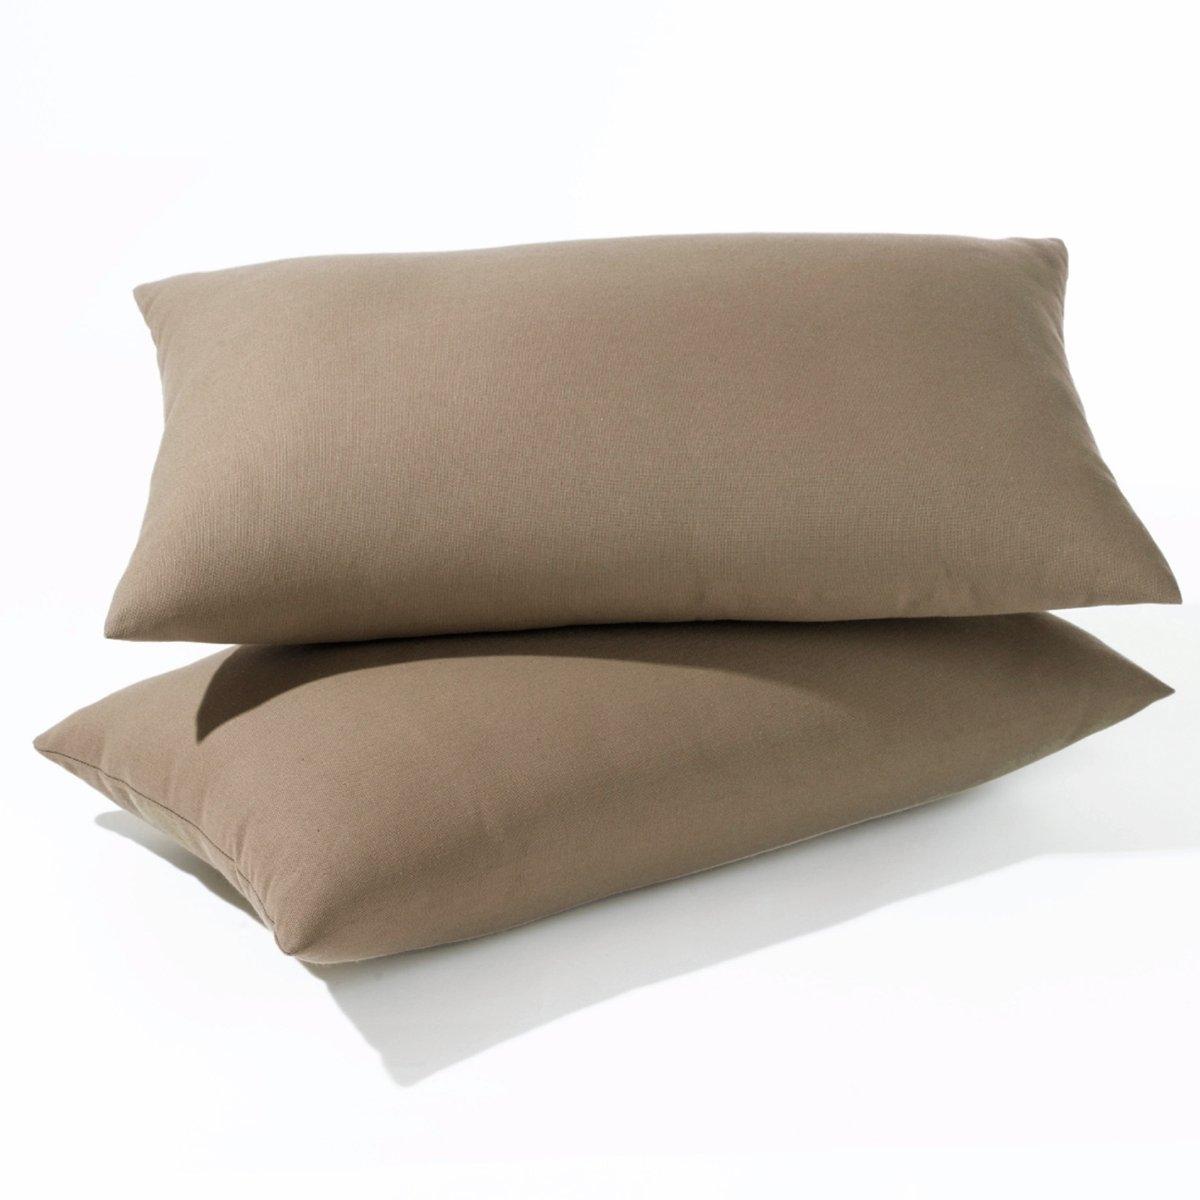 Комплект из 2 чехлов для подушек из поликоттонаКомплект из 2 чехлов для подушек из поликоттона подойдет для раскладных диванов (аккордеон и книжка). 7 расцветок для создания уникального интерьера на ваш вкус  !Характеристики чехлов для подушек из поликоттона для раскладных диванов:Качество VALEUR SURE, плотная ткань, 70% хлопка, 30% полиэстера. Скрытая застежка на молнию.  Размеры чехлов для подушек из поликоттона:Аккордеон : 50 x 30 см                                                                                           Книжка : 60 x 40 см<br><br>Цвет: антрацит,красный,серо-коричневый каштан